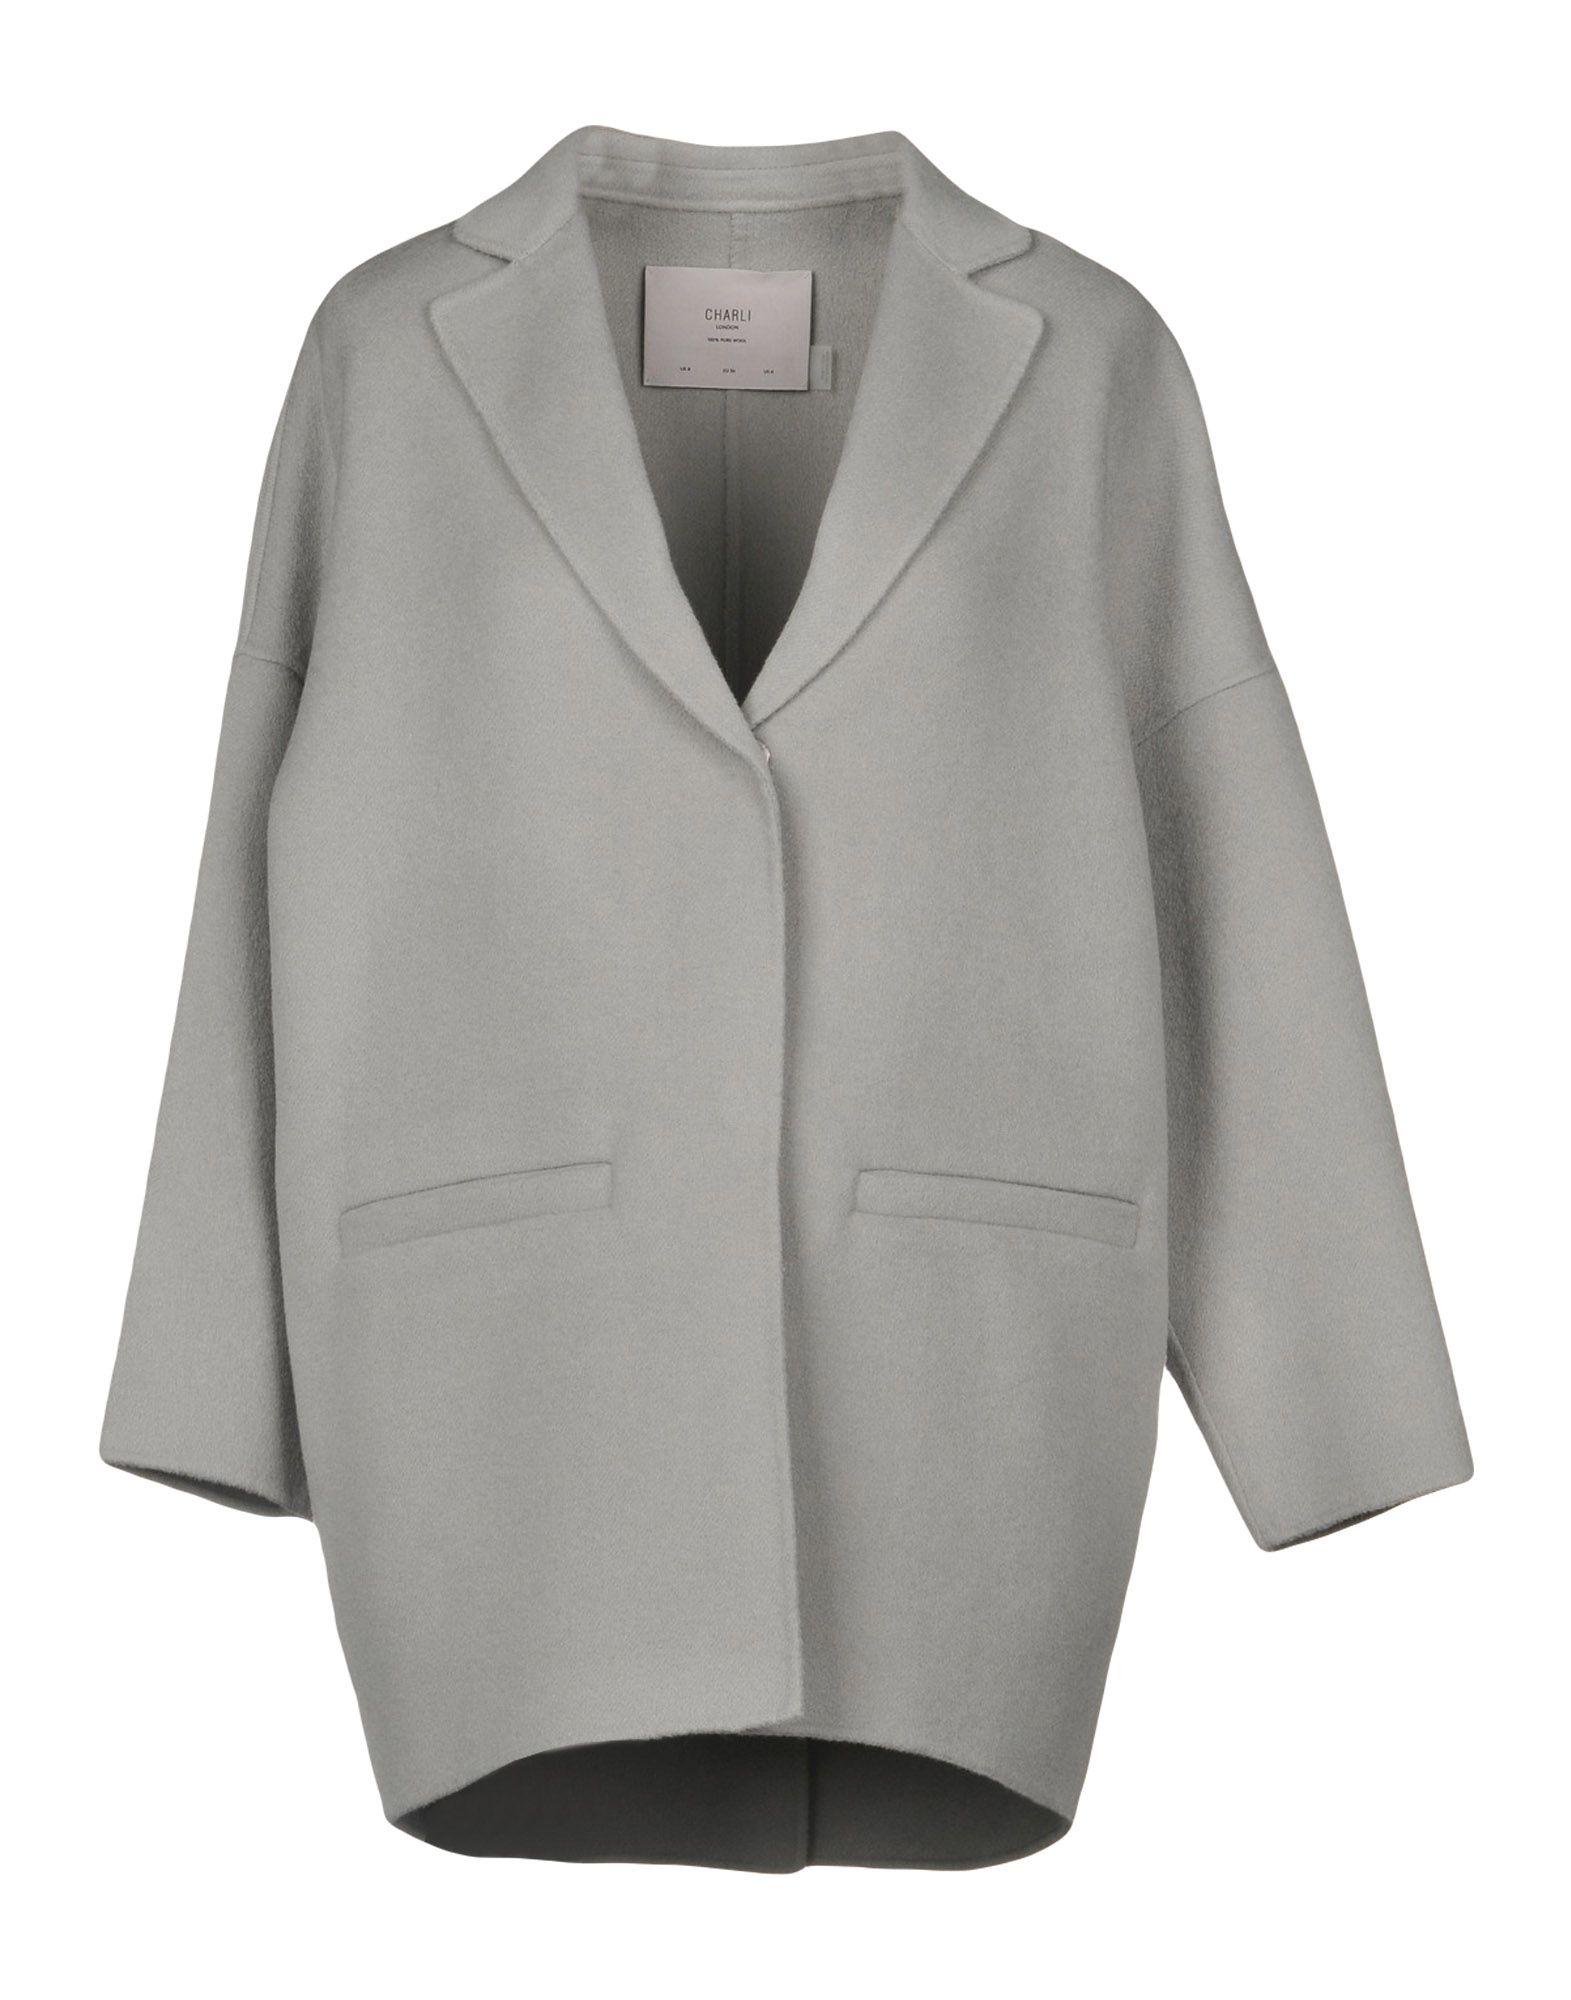 CHARLI Coat in Light Grey